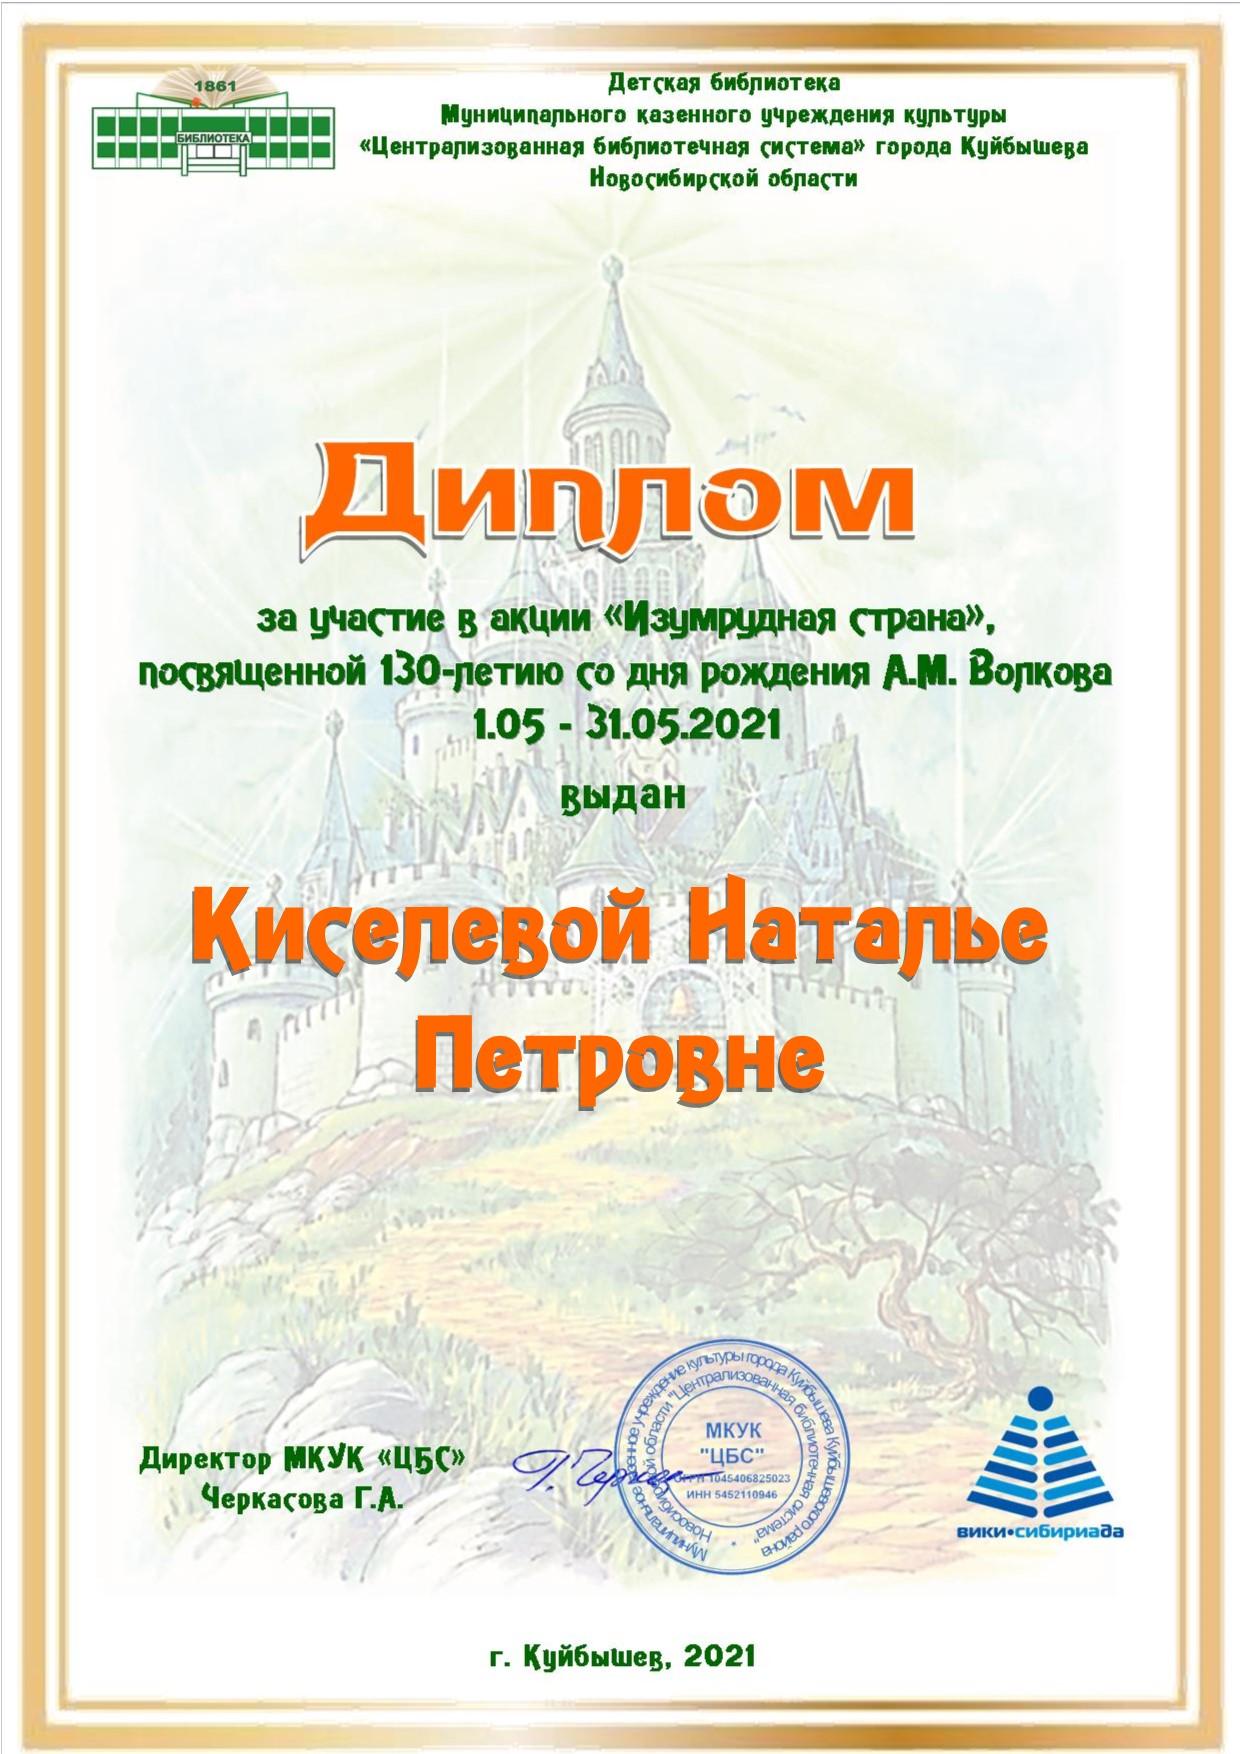 Диплом_Изумрудная_страна_Киселева.jpg